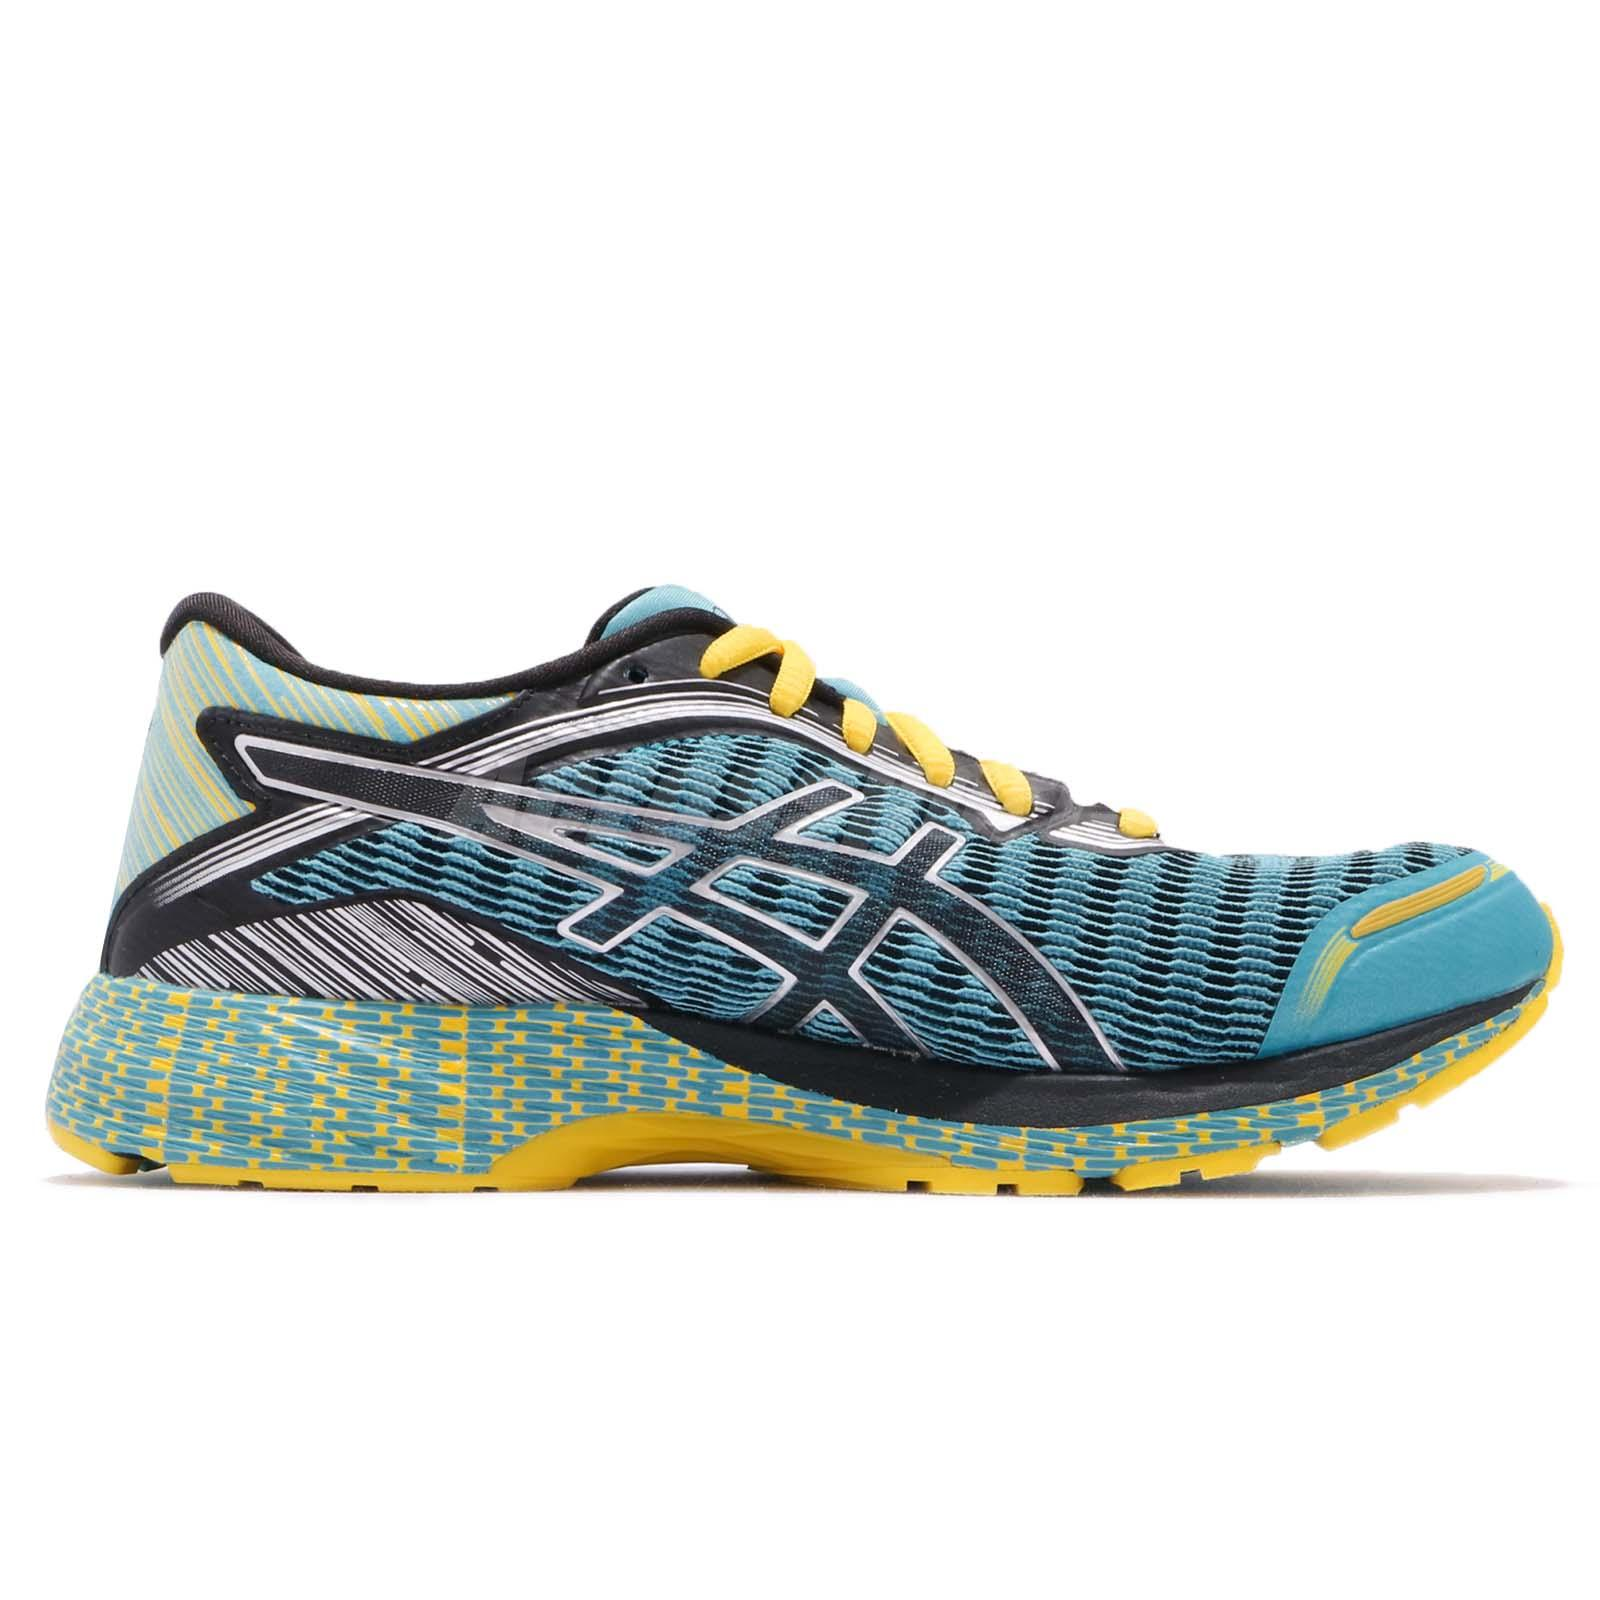 Shoes DynaFlyte T75UQ Marathon Running Détails Yellow Womens 3990 Stockholm Asics sur Blue 4jAL3Rqc5S